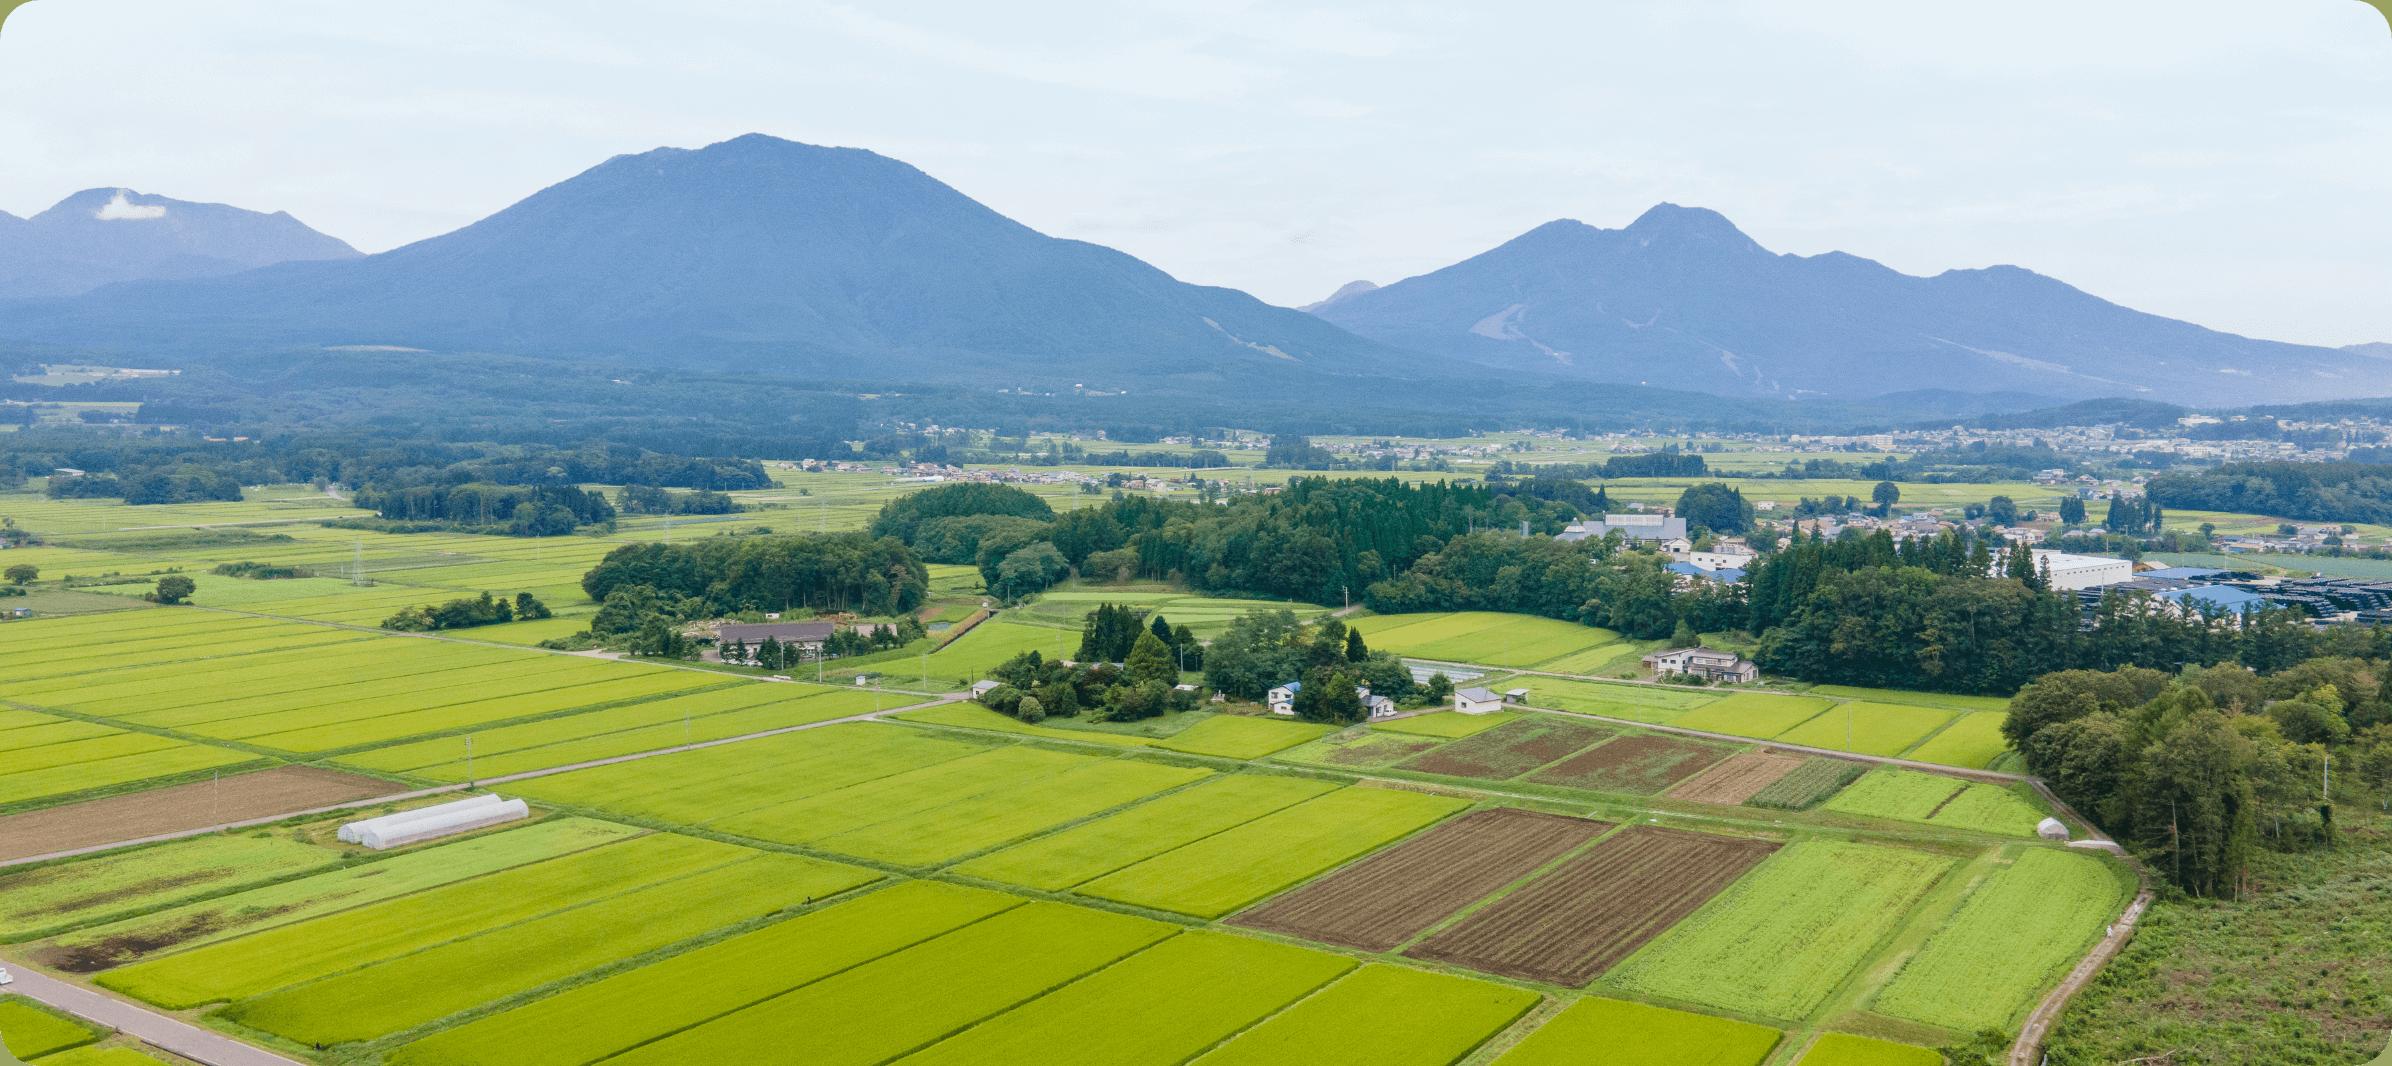 長野の田園風景|長野米の品質とベイクックの役割